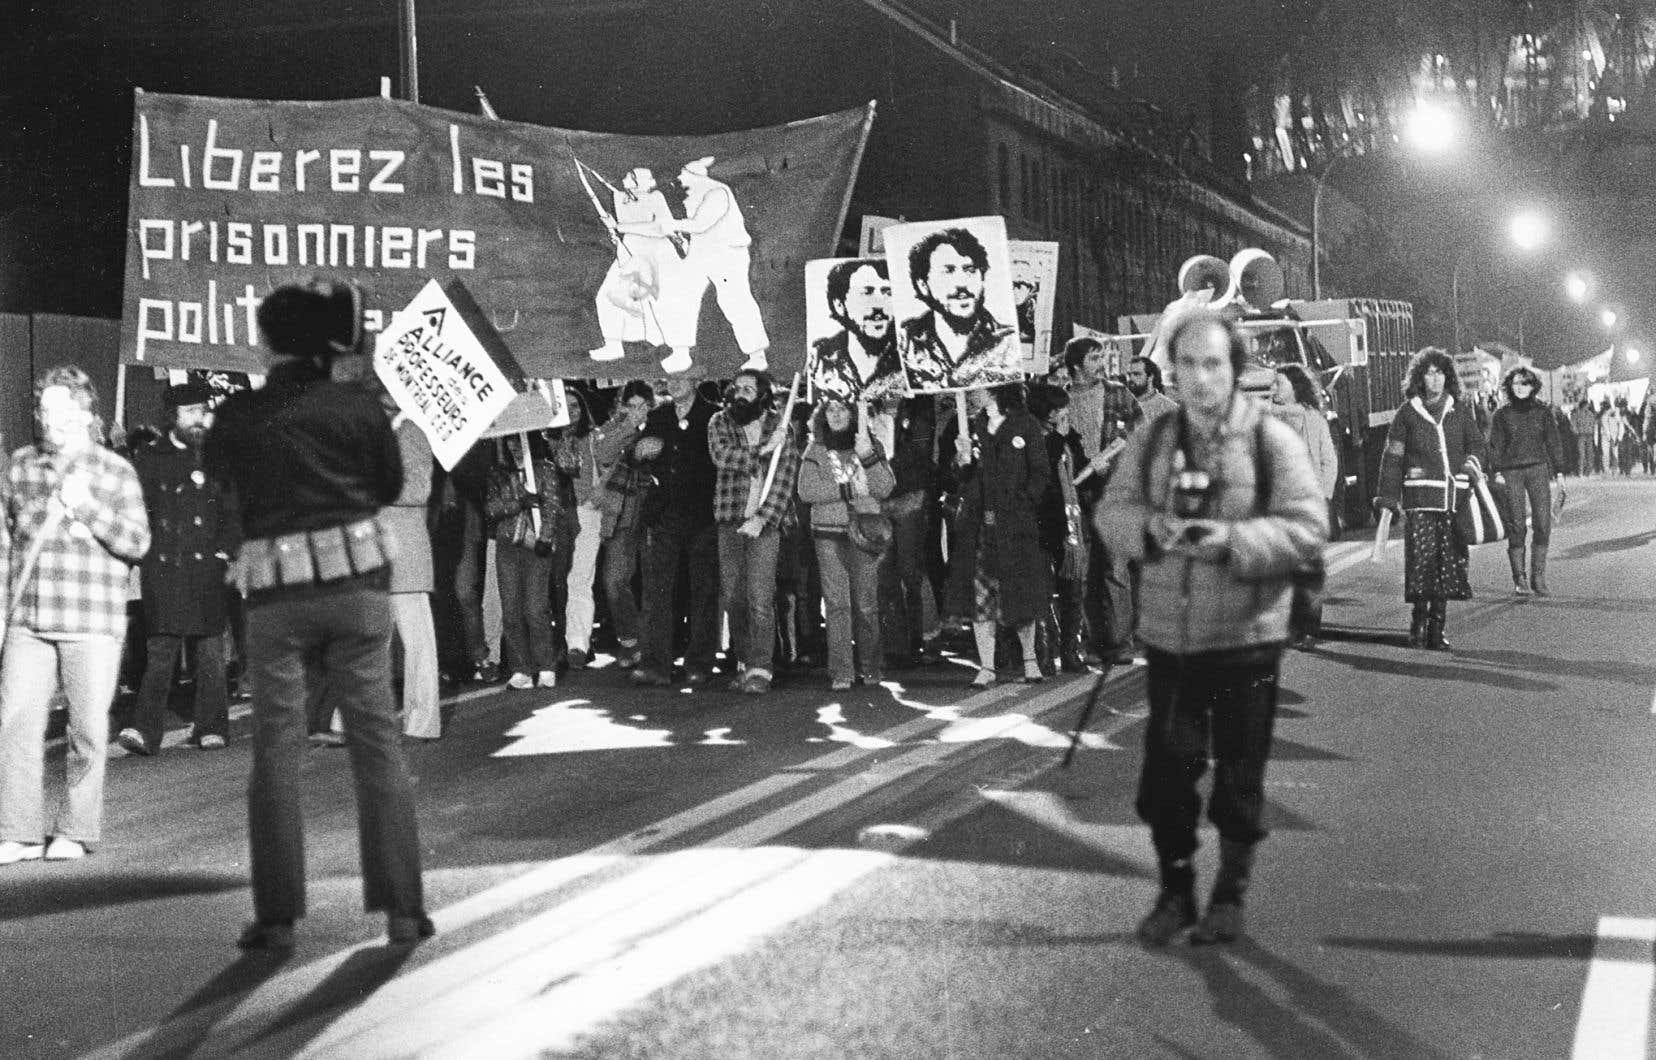 Il y a cinquante ans, l'entrée en vigueur de la Loi sur les mesures de guerre a permis à l'armée canadienne d'aider les autorités policières à arrêter 500 citoyens québécois.